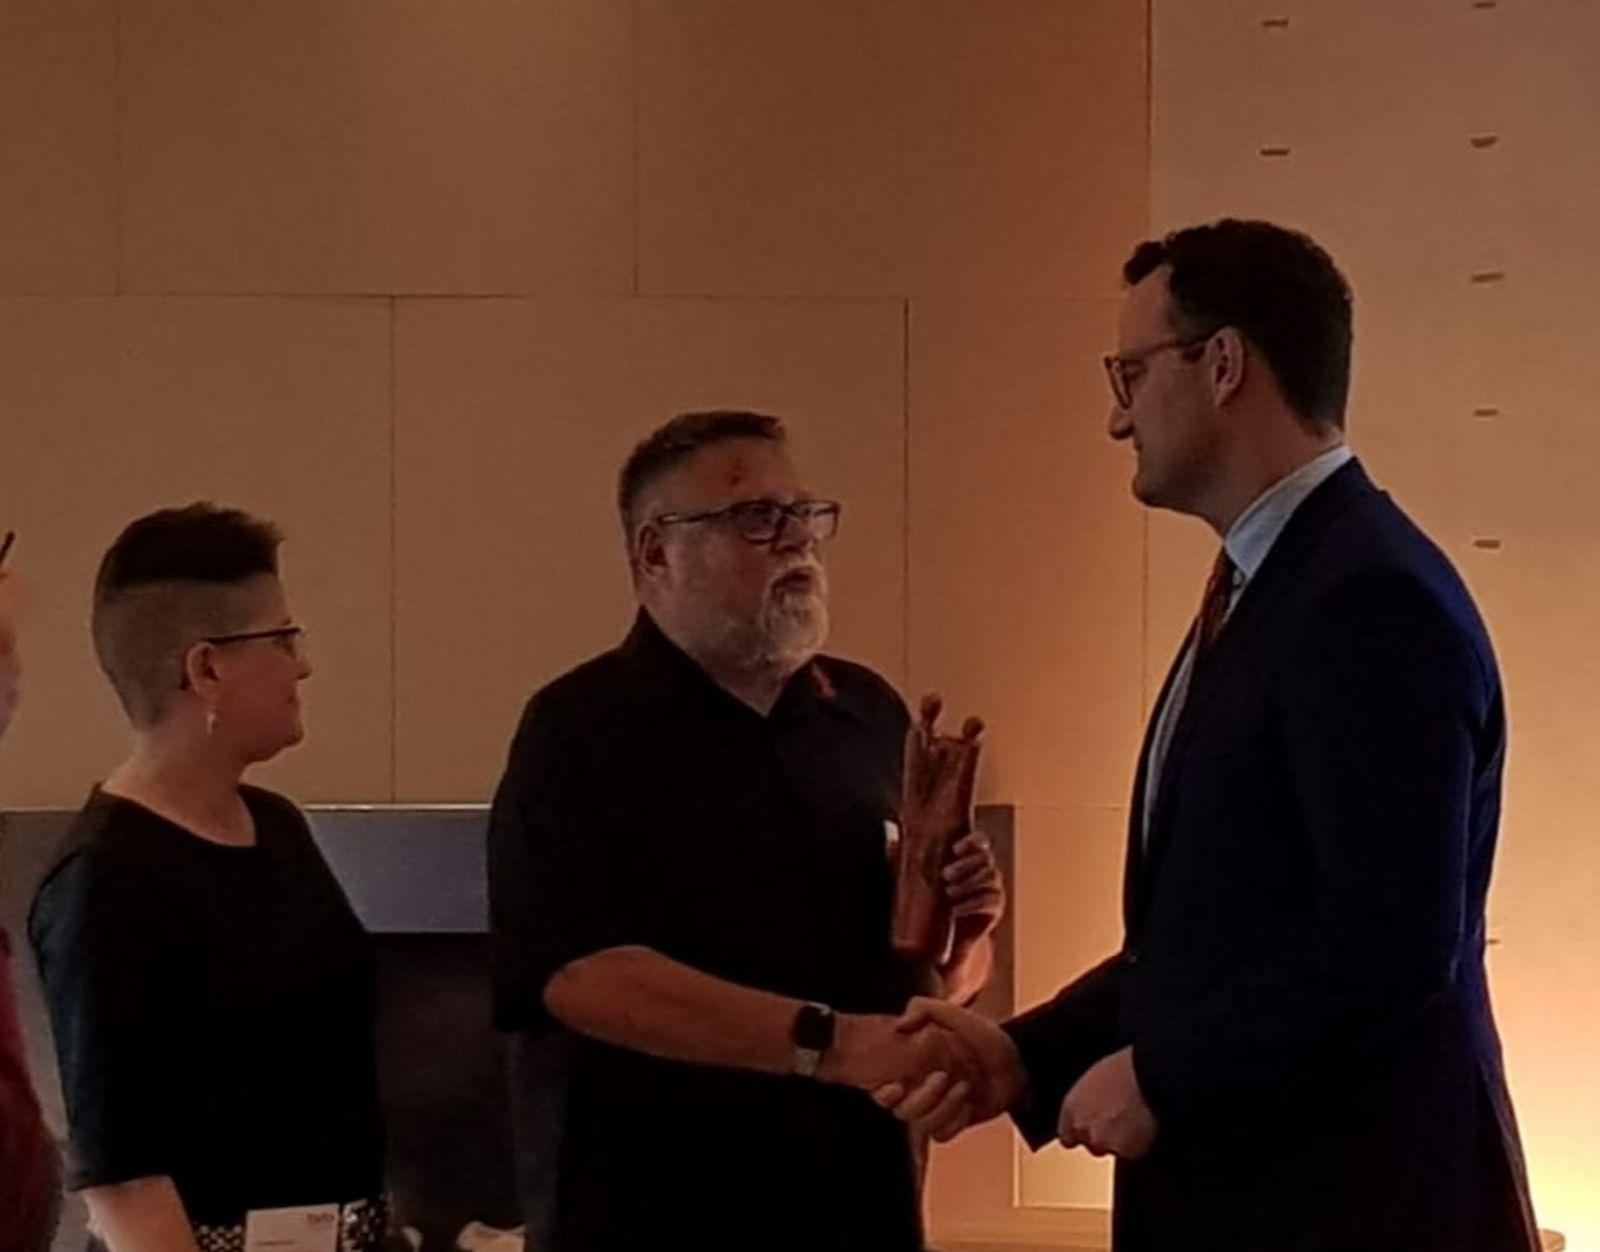 Peter Fricke übergibt den Lebensboten an Minister Jens Spahn.